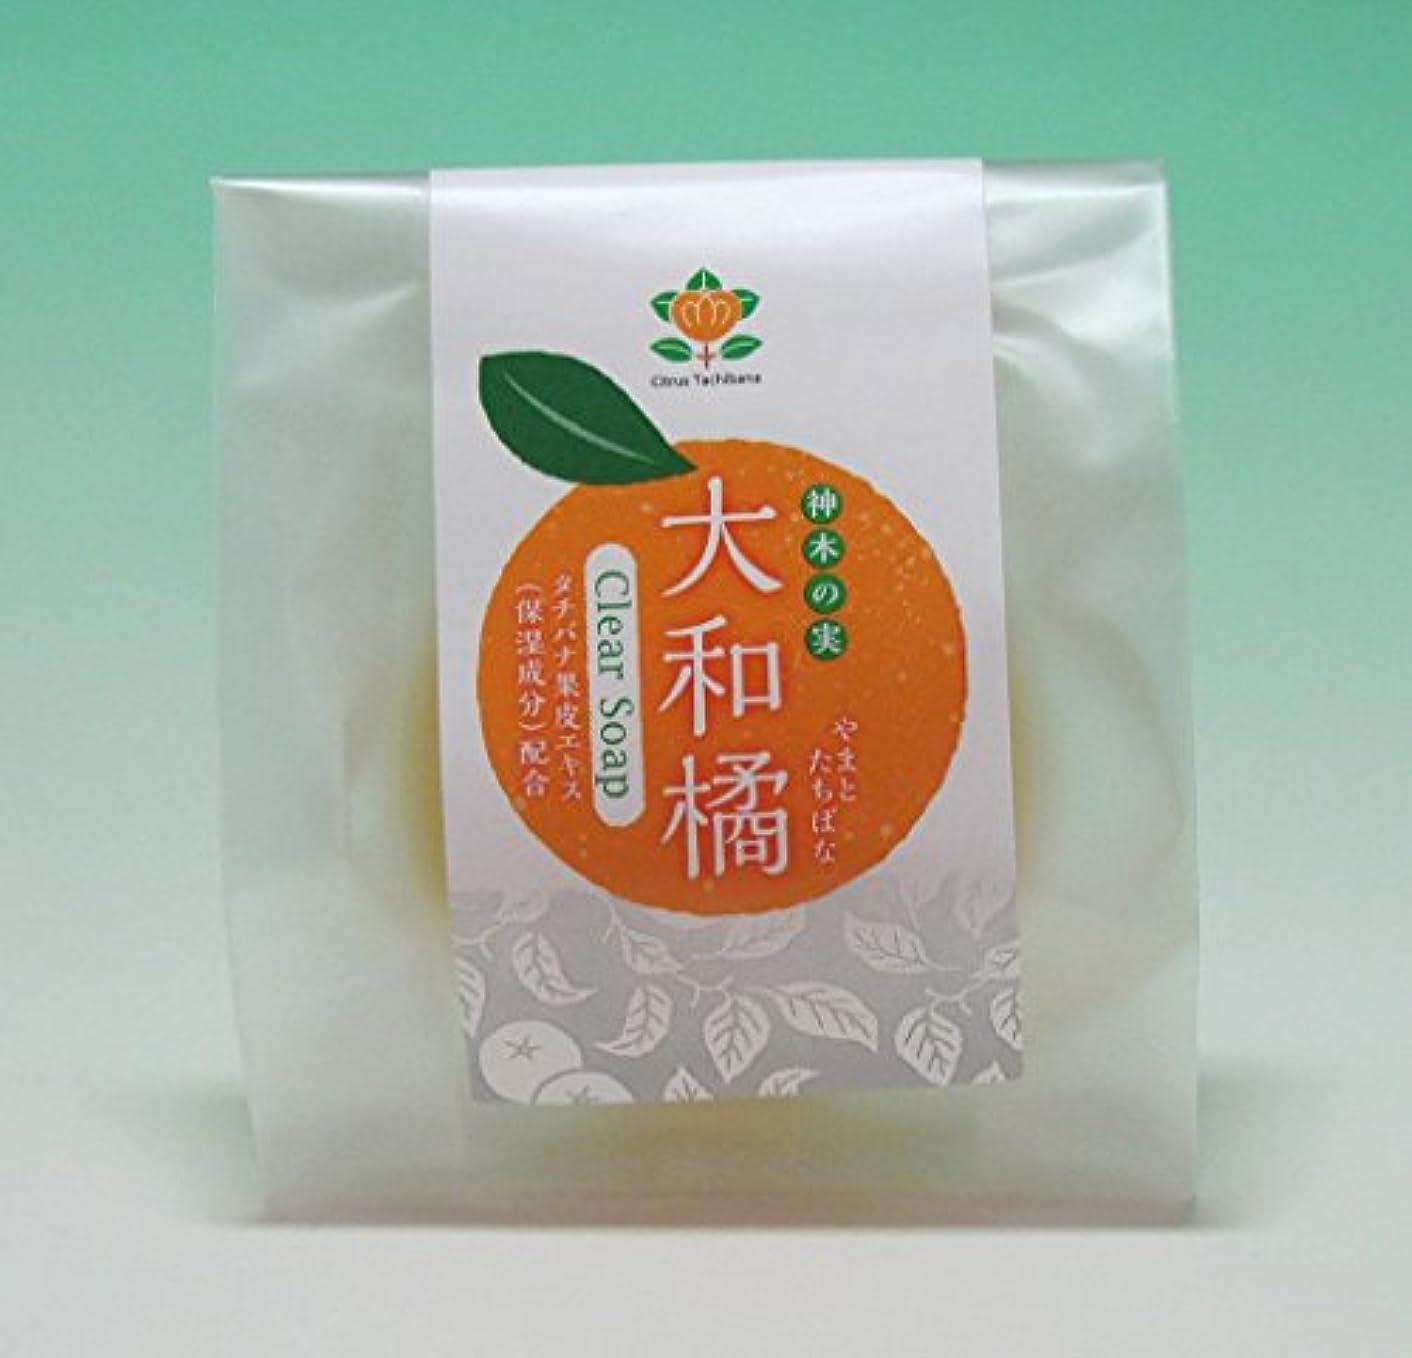 メロドラマティック先見の明祭司神木の果実 大和橘枠練石鹸